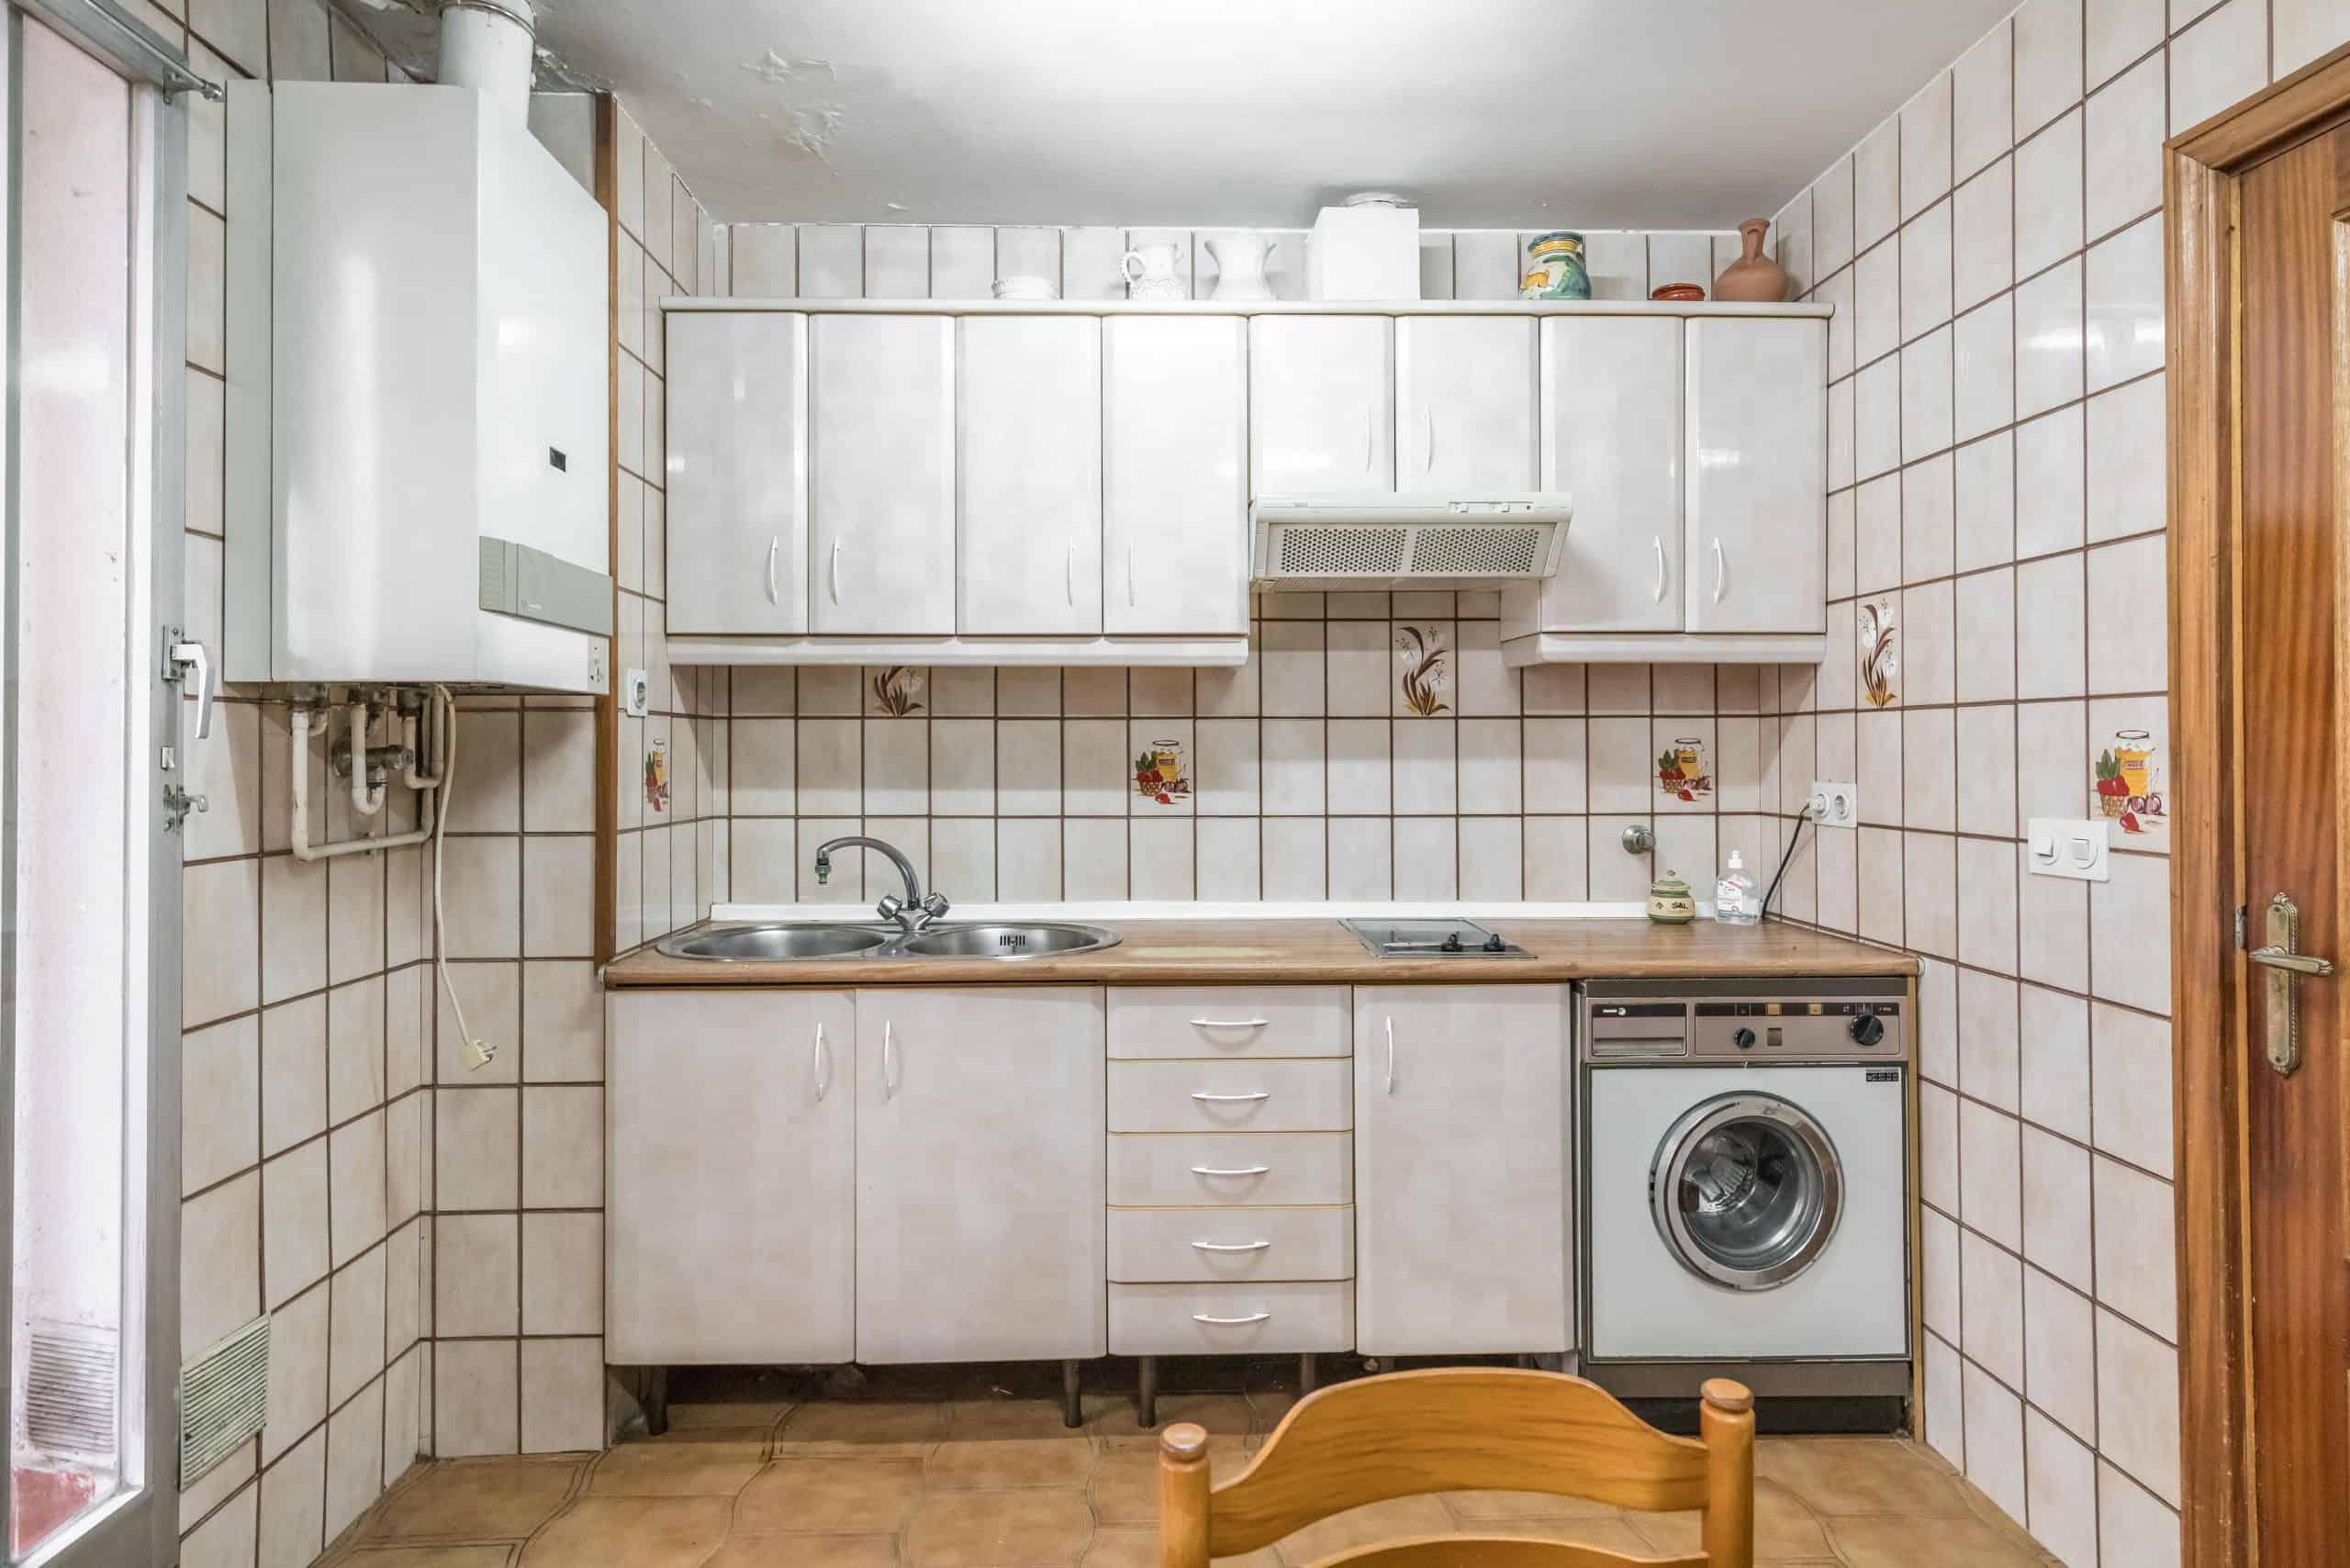 Agencia Inmobiliaria de Madrid-FUTUROCASA-Zona ARGANZUELA-LEGAZPI -calle Jaime Conquistador 27- Cocina 5